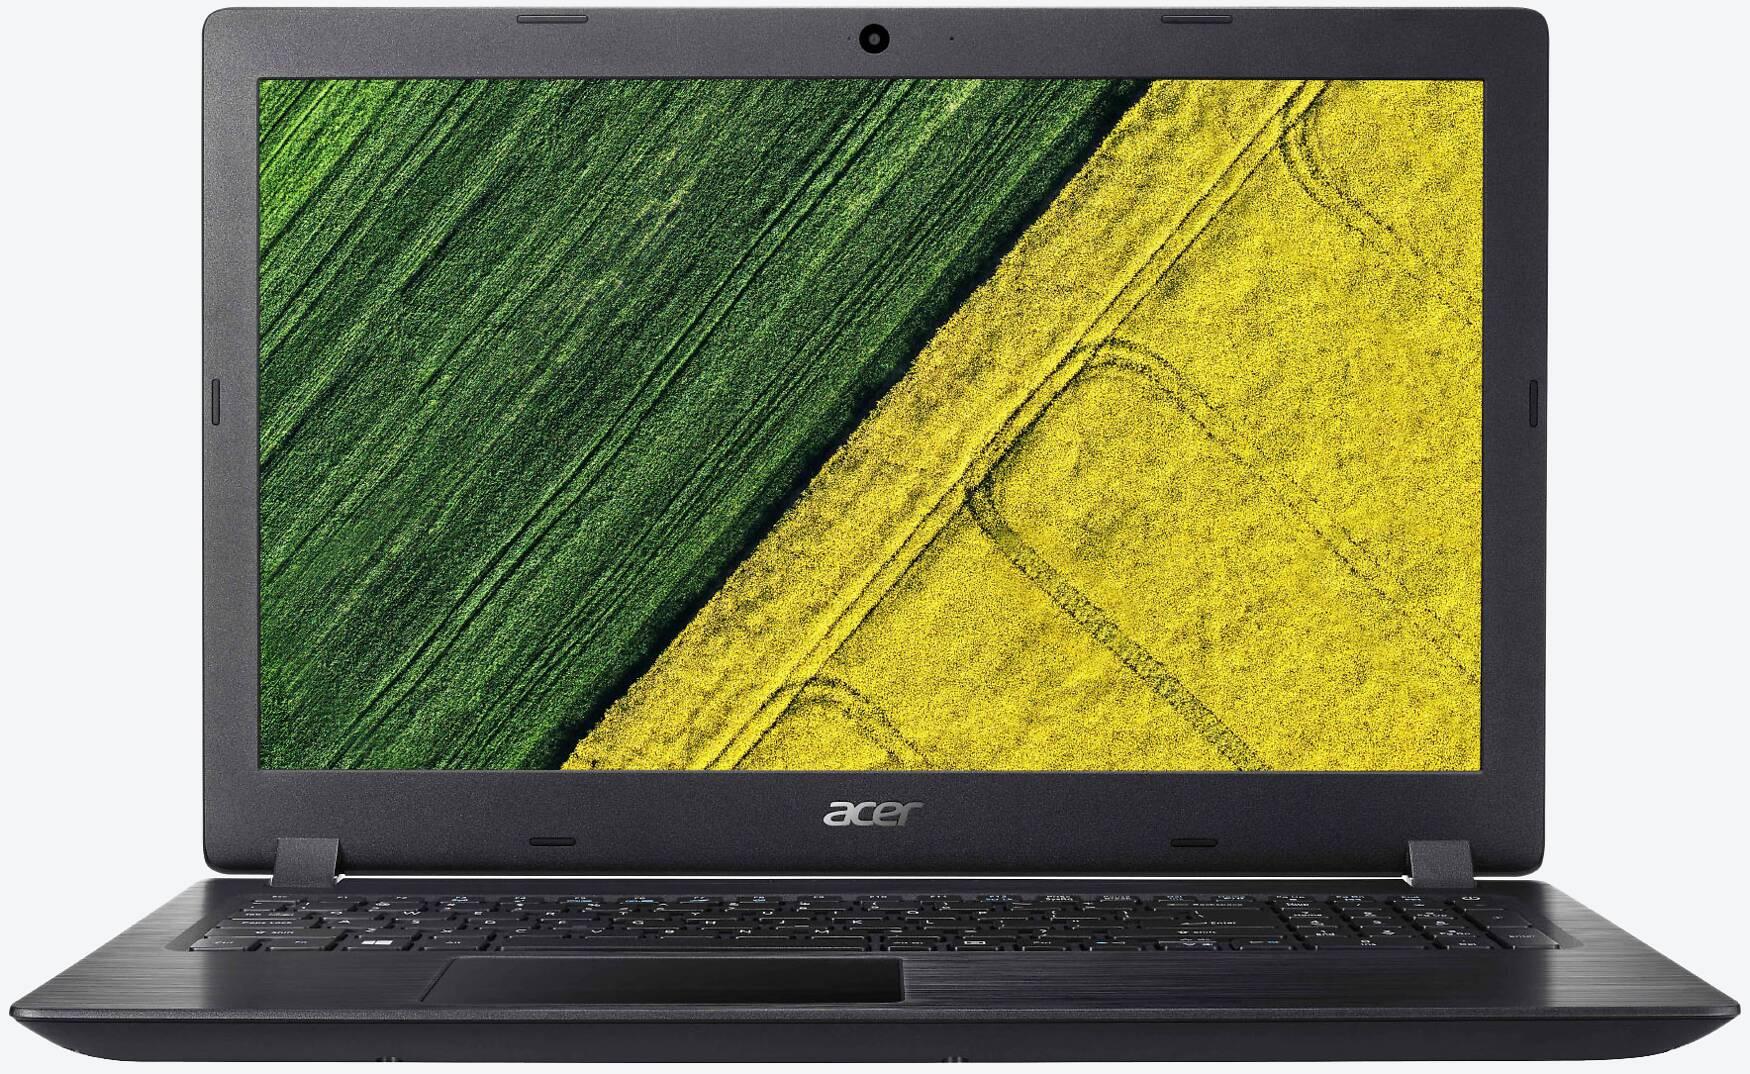 Acer Aspire 3 A317-51-51F9